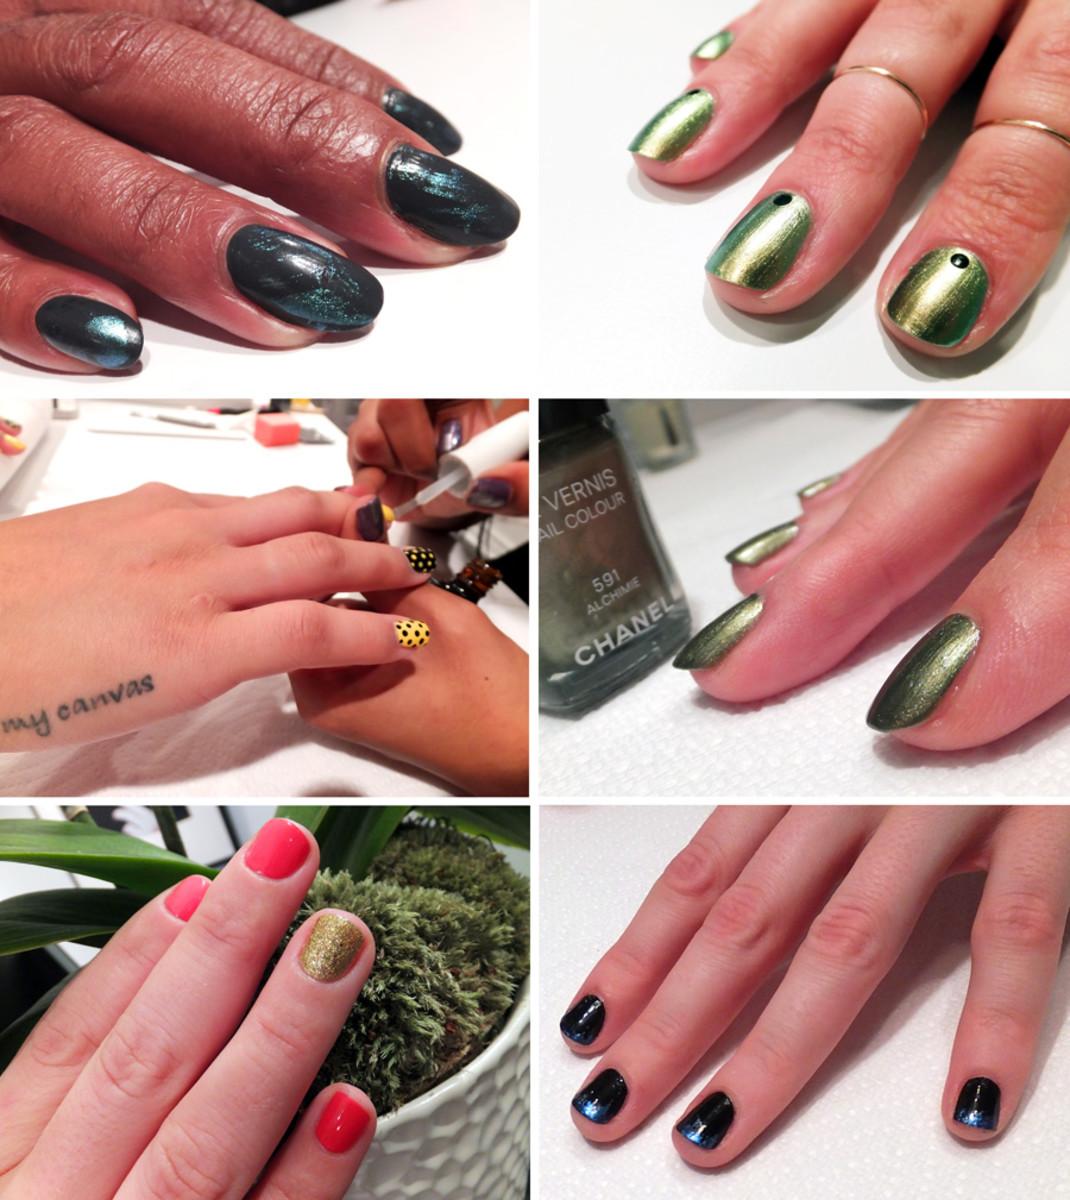 avocado beauty treatments_avocados from Mexico_avocado hand mask_manicures afterward